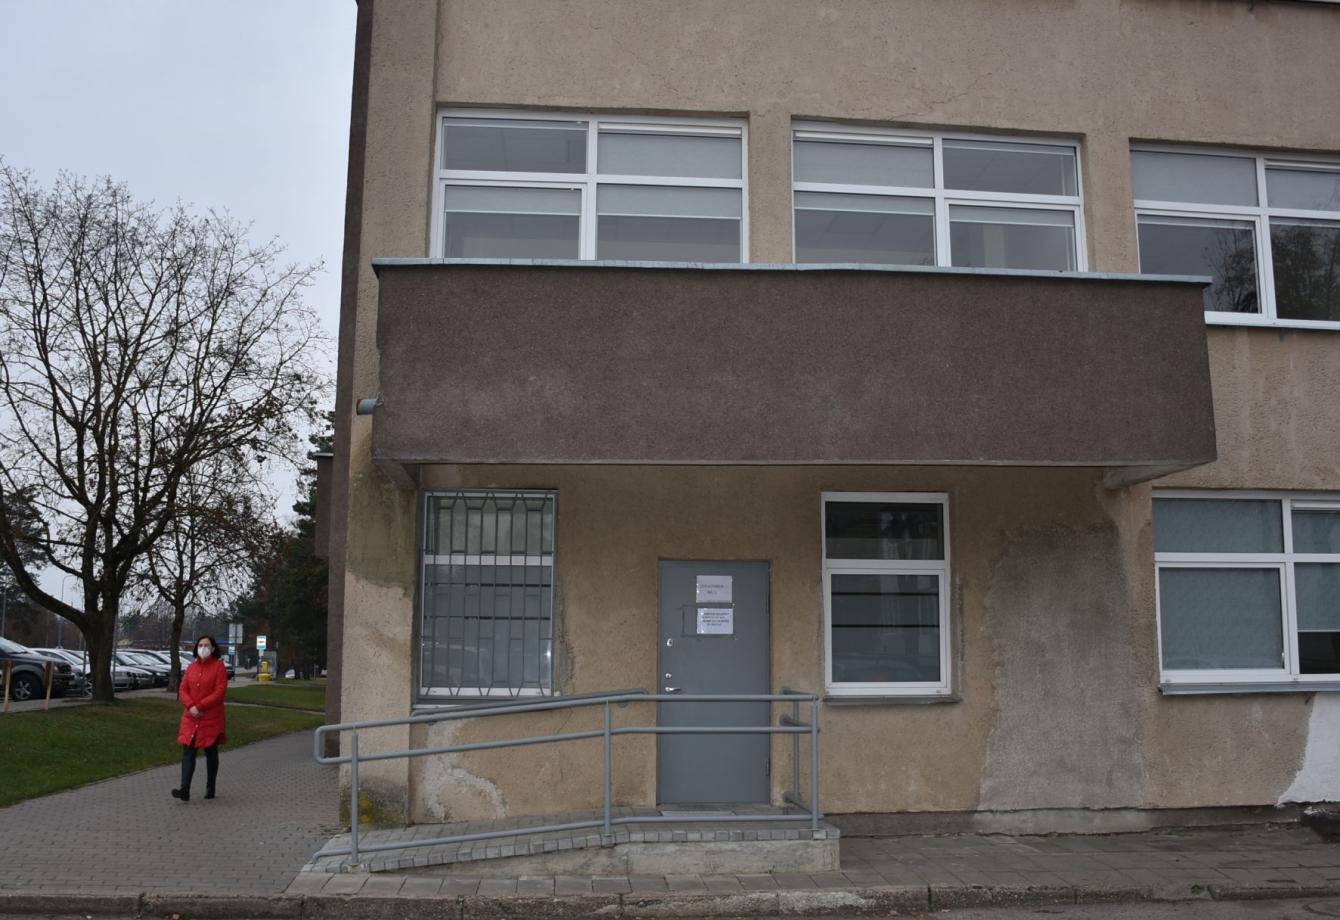 VšĮ Varėnos pirminės sveikatos priežiūros centro pastate įsteigtas Varėnos rajono savivaldybės mobilus tyrimų punktas